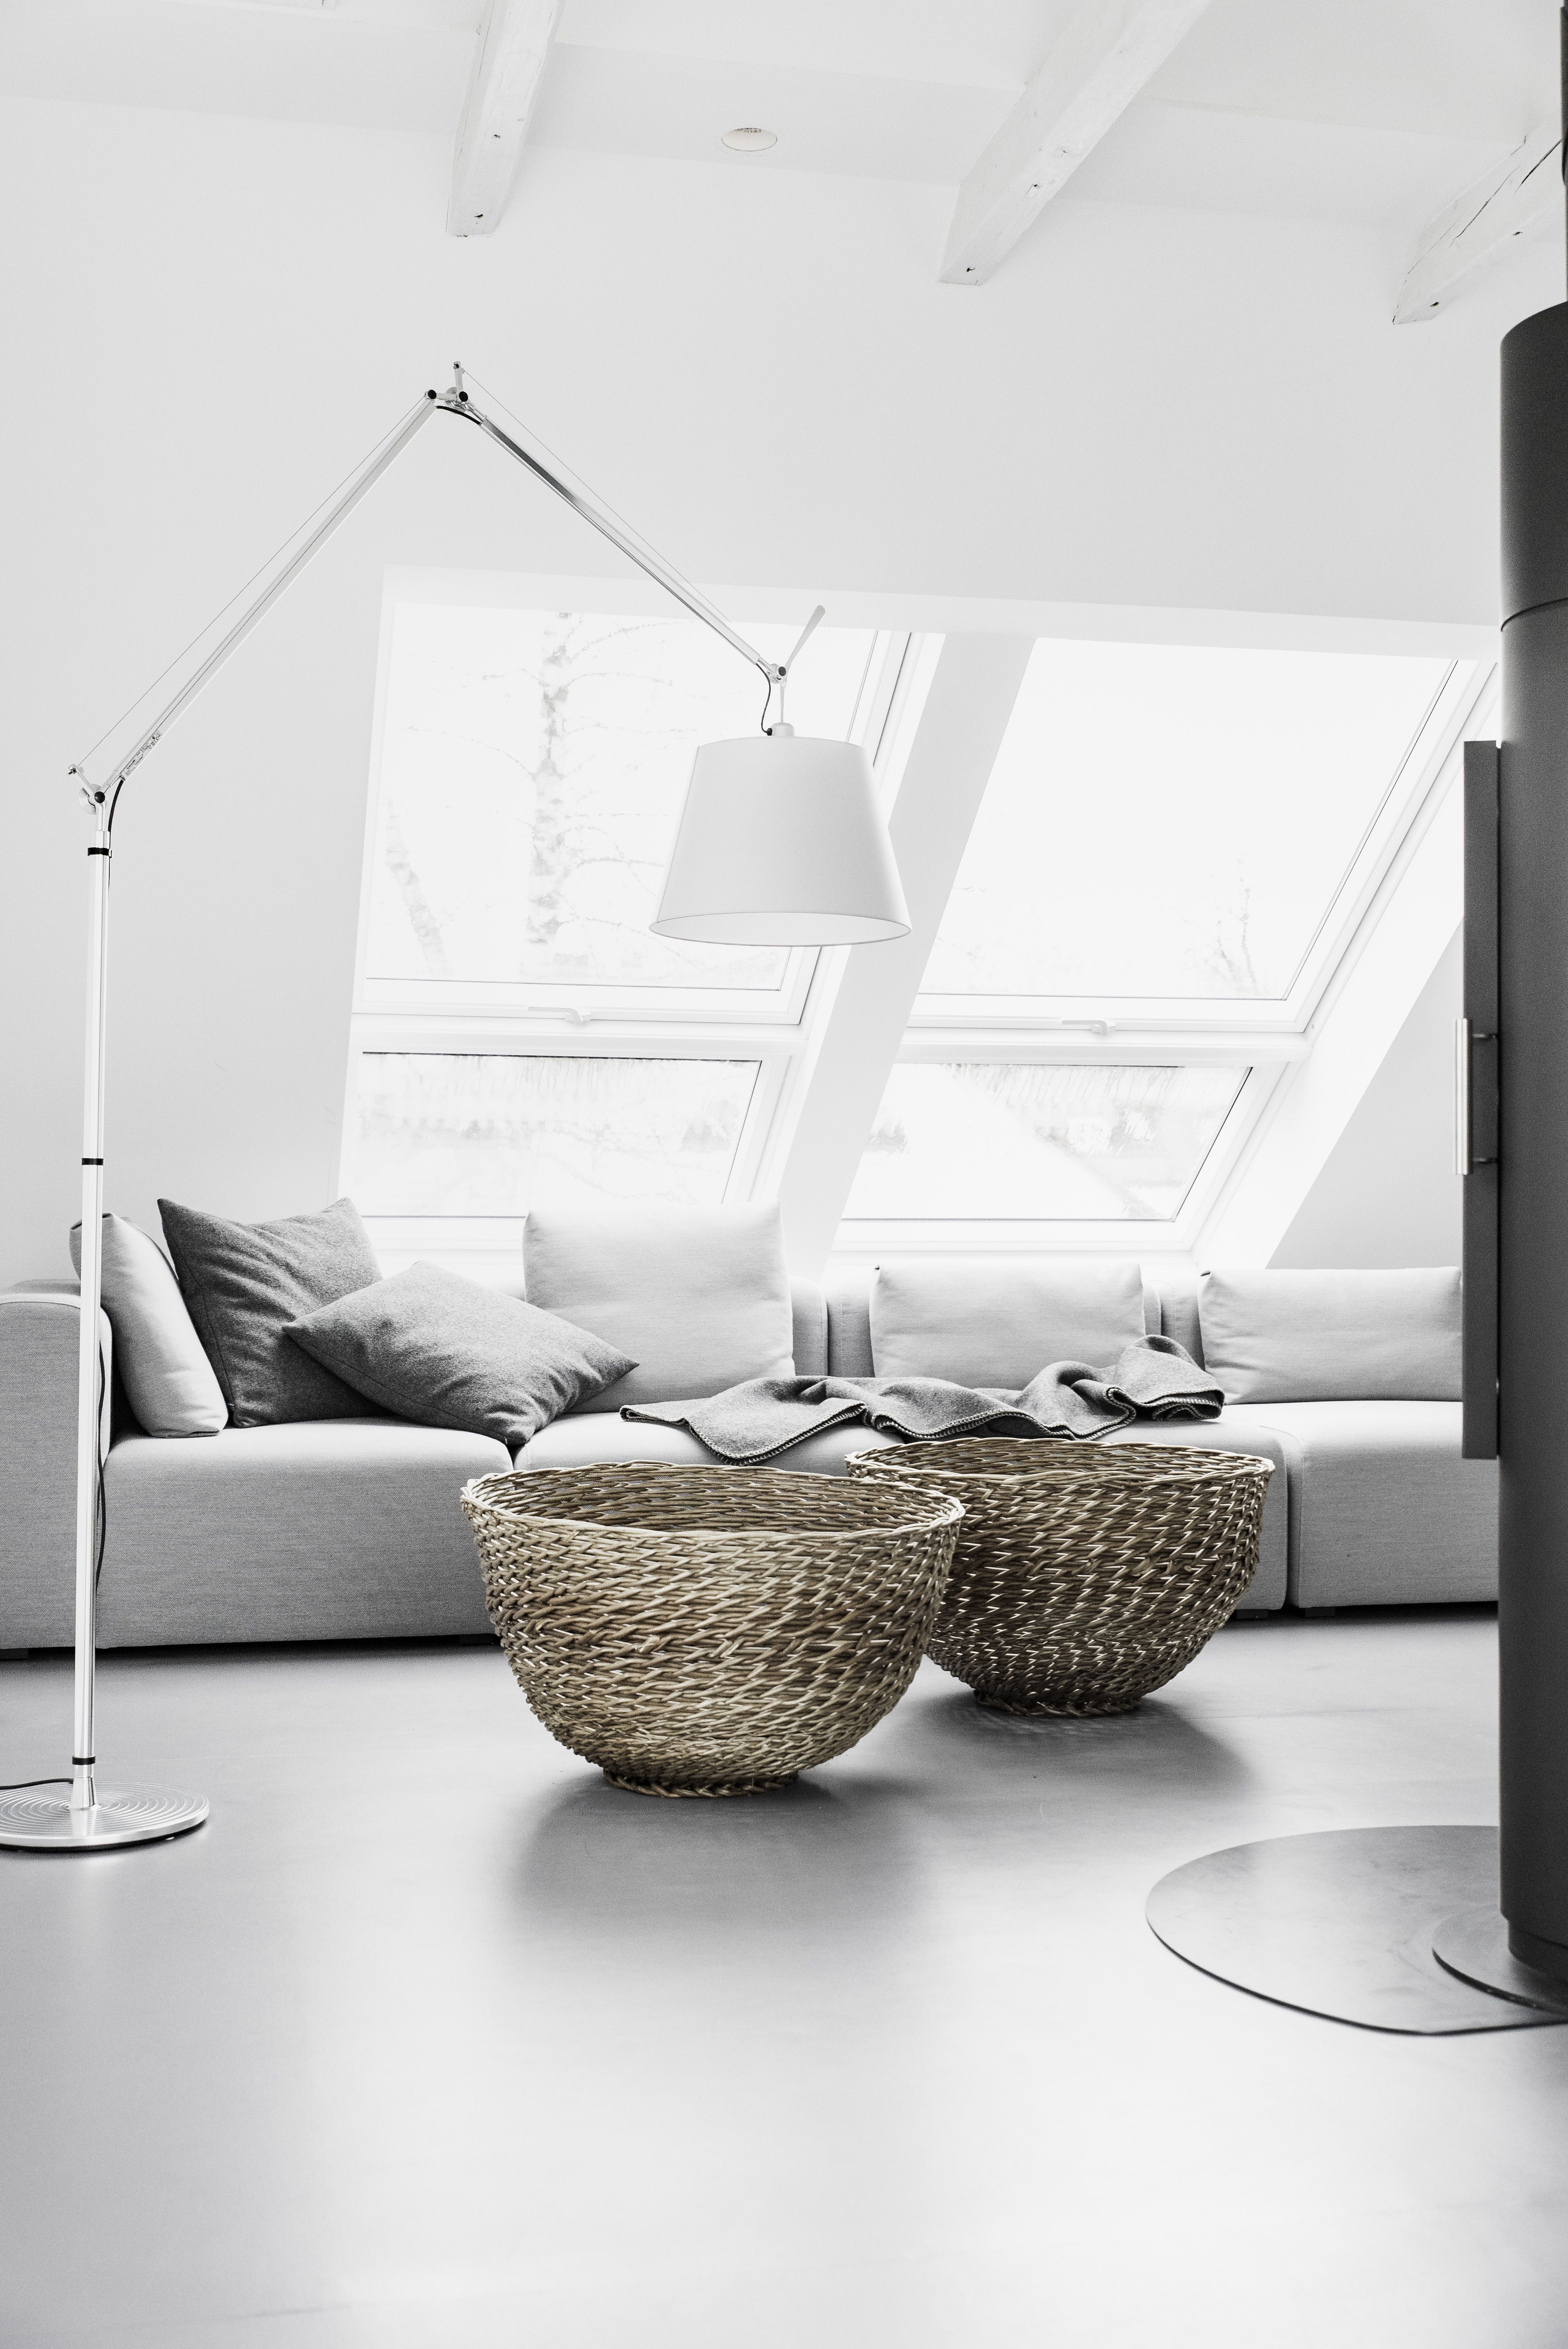 Deko mit Körben  Dachschräge einrichten, Wohnzimmer modern